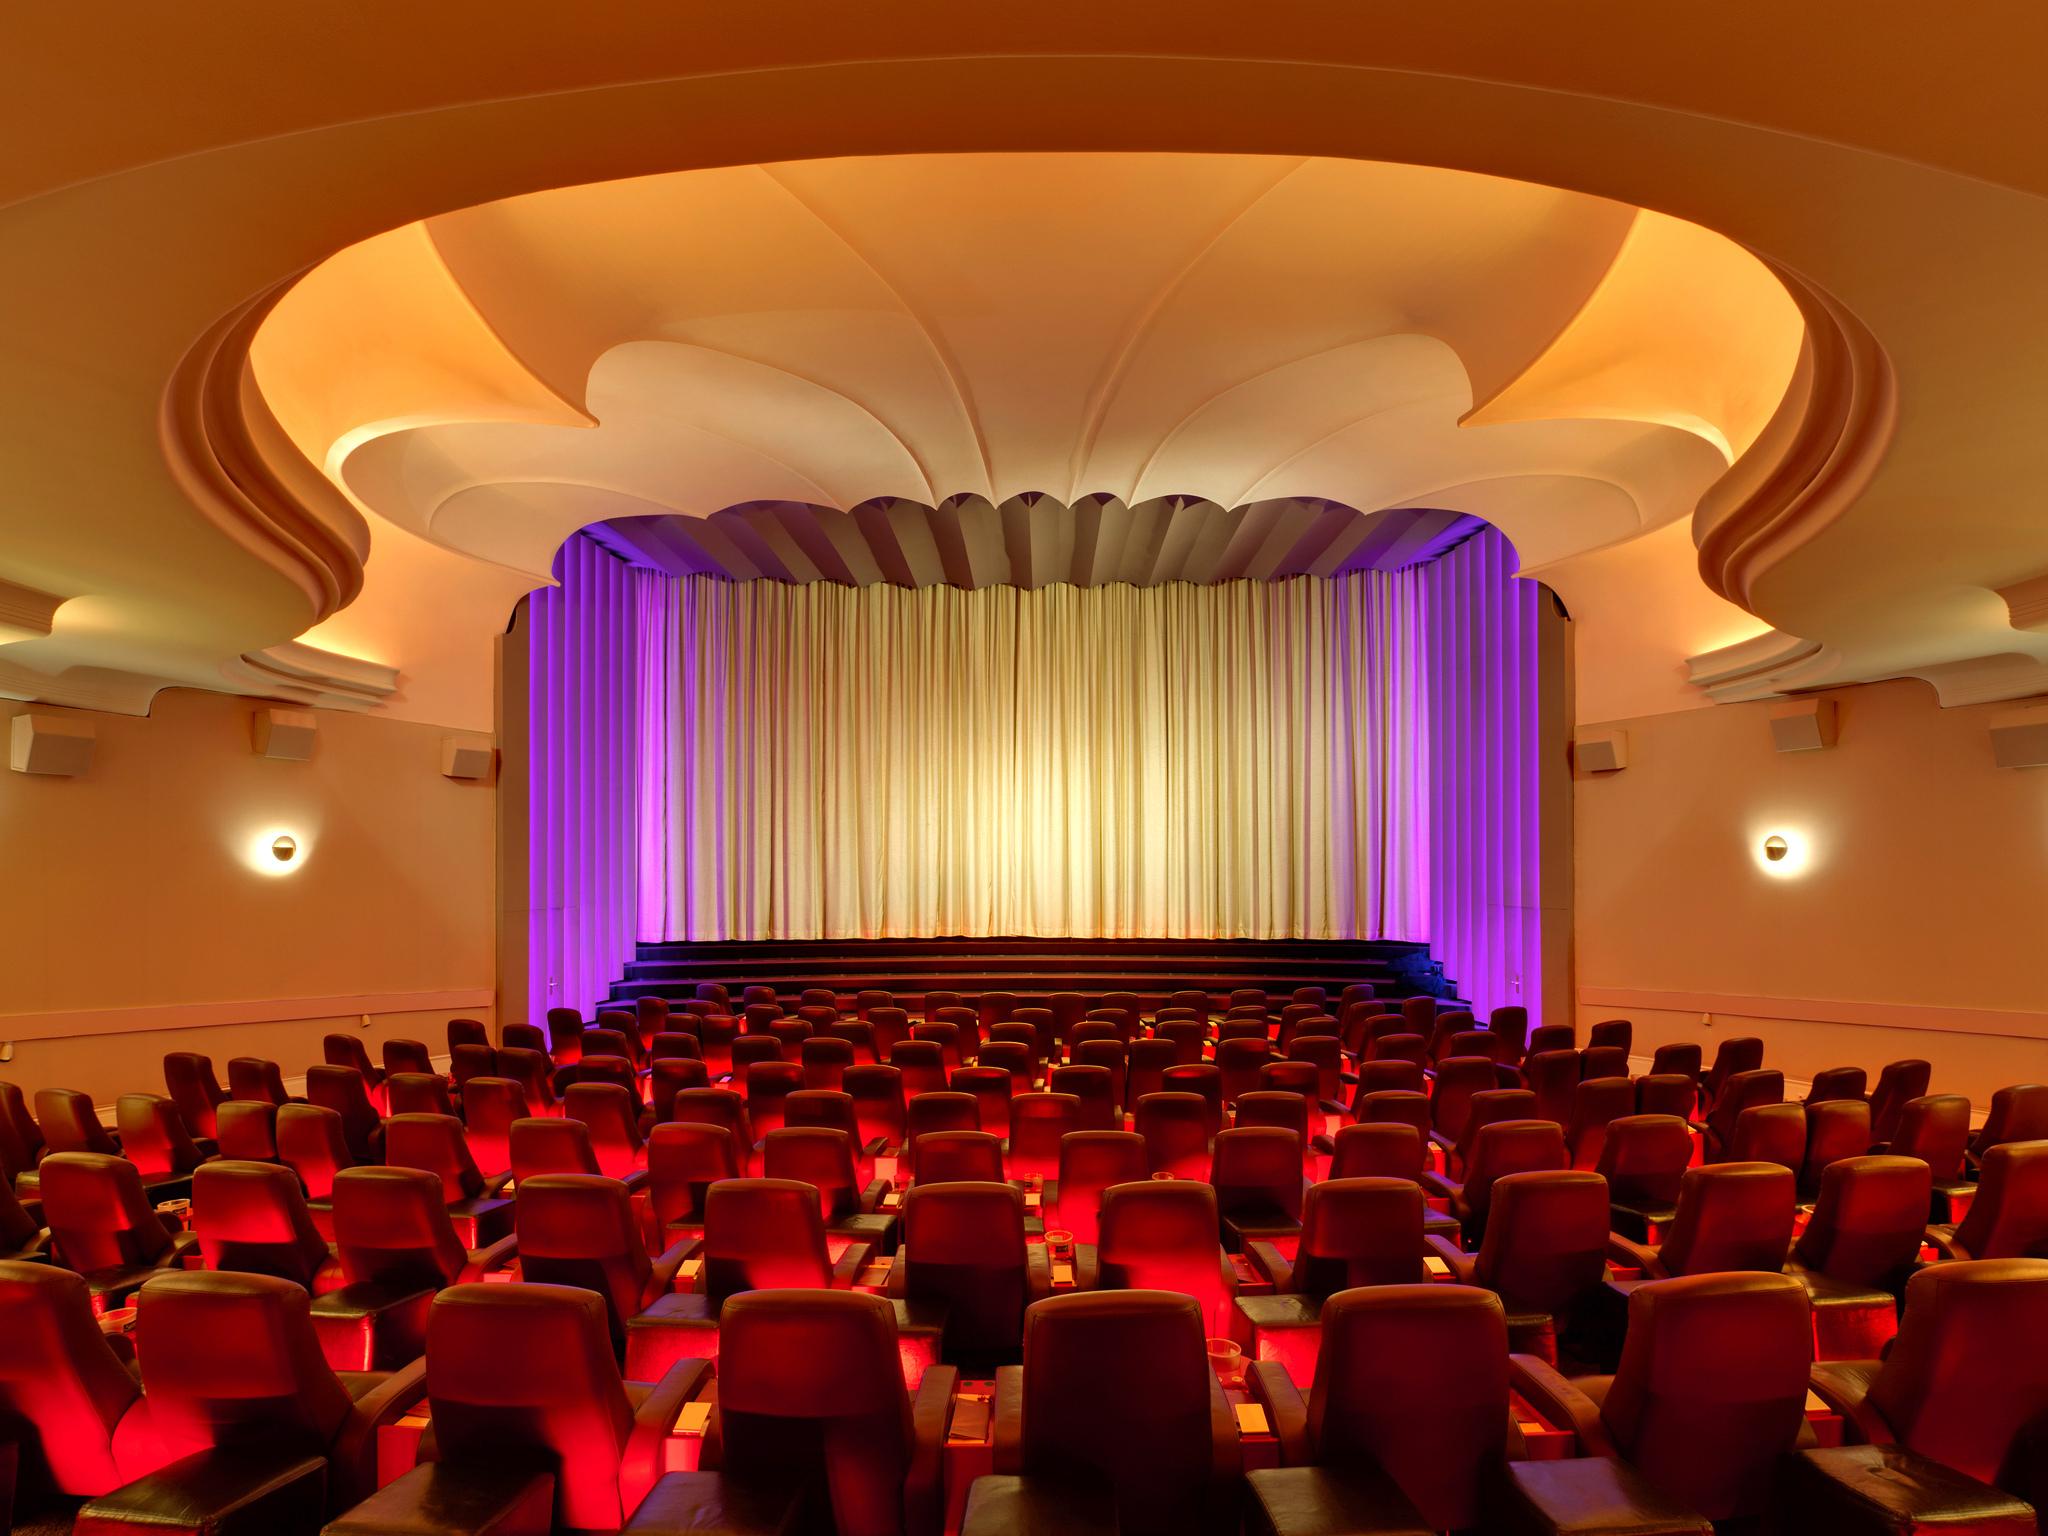 Inside the Astor Film Lounge cinema in Berlin